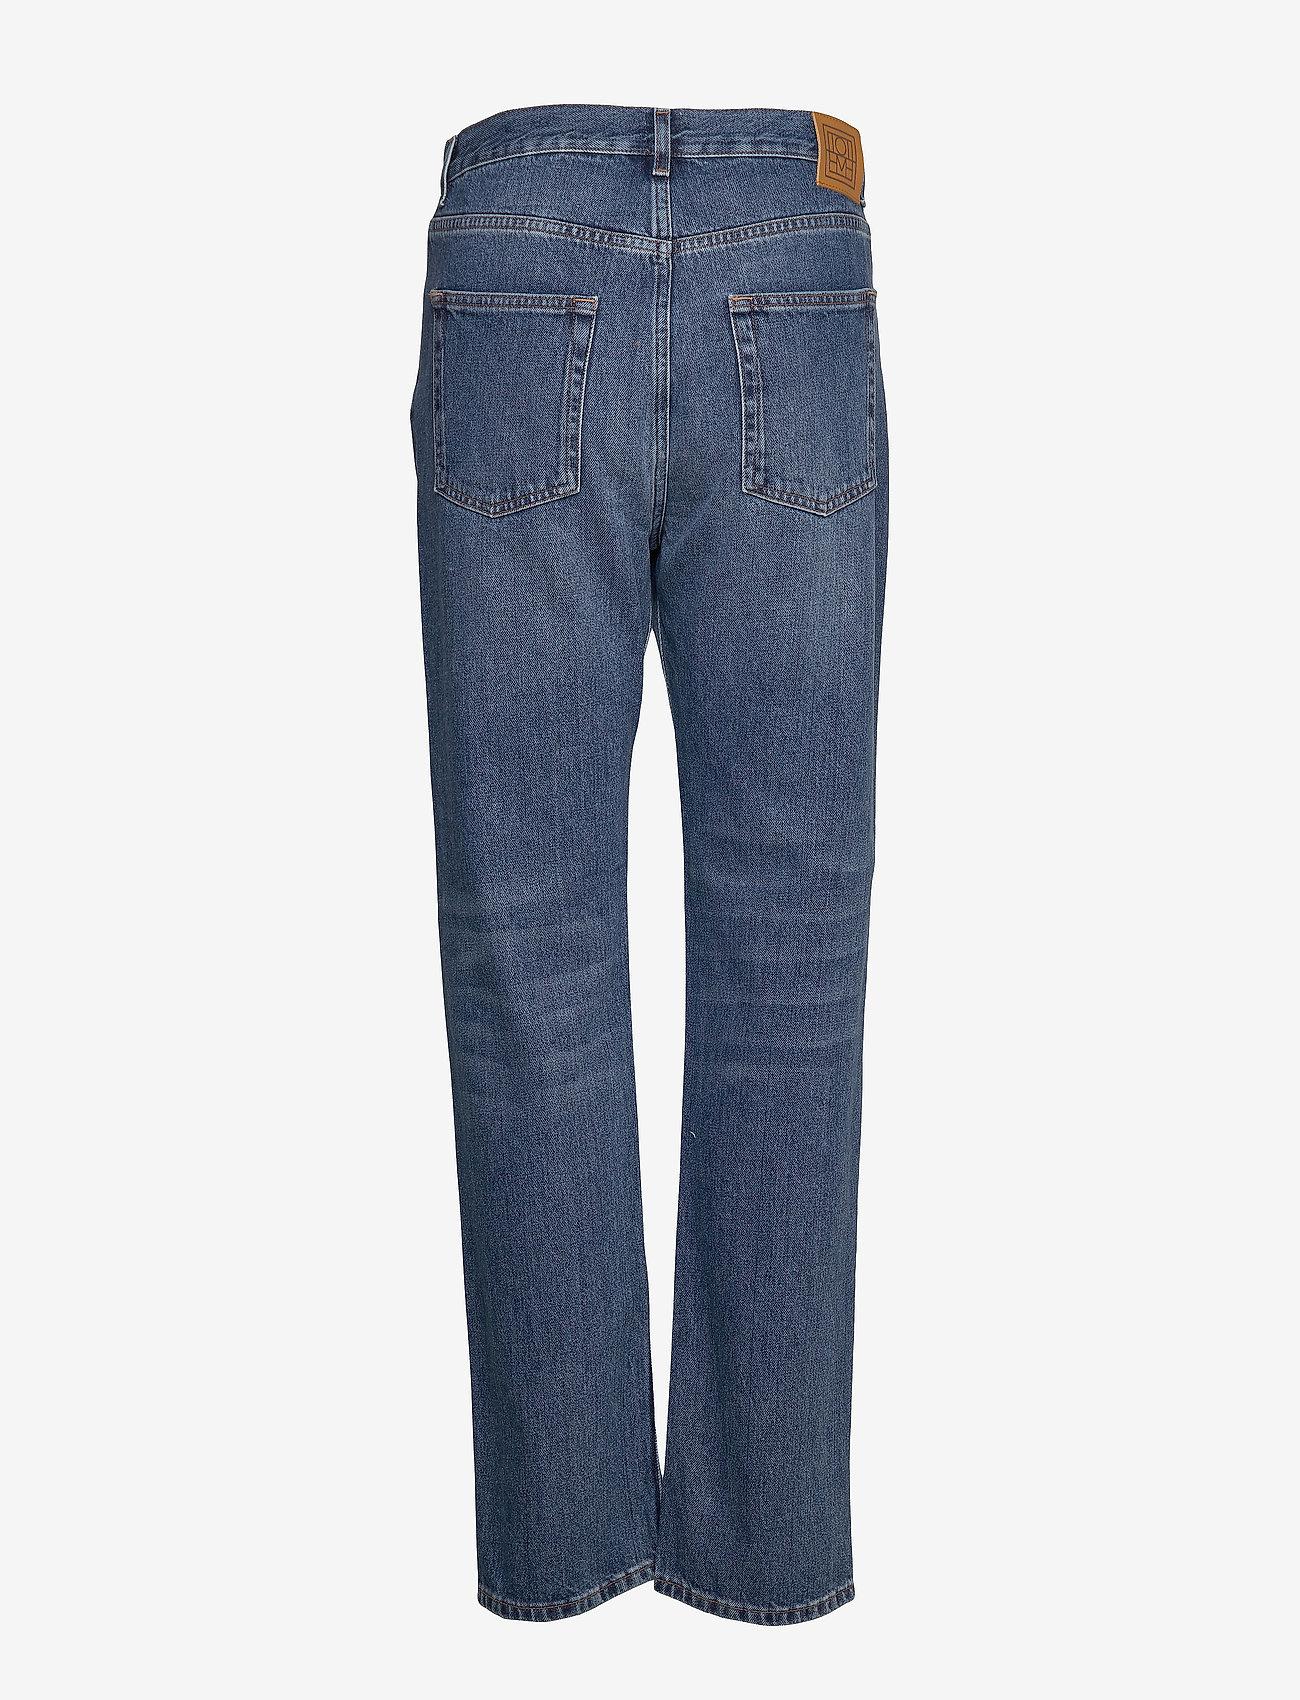 Totême - EASE DENIM - straight jeans - washed blue 405 - 1